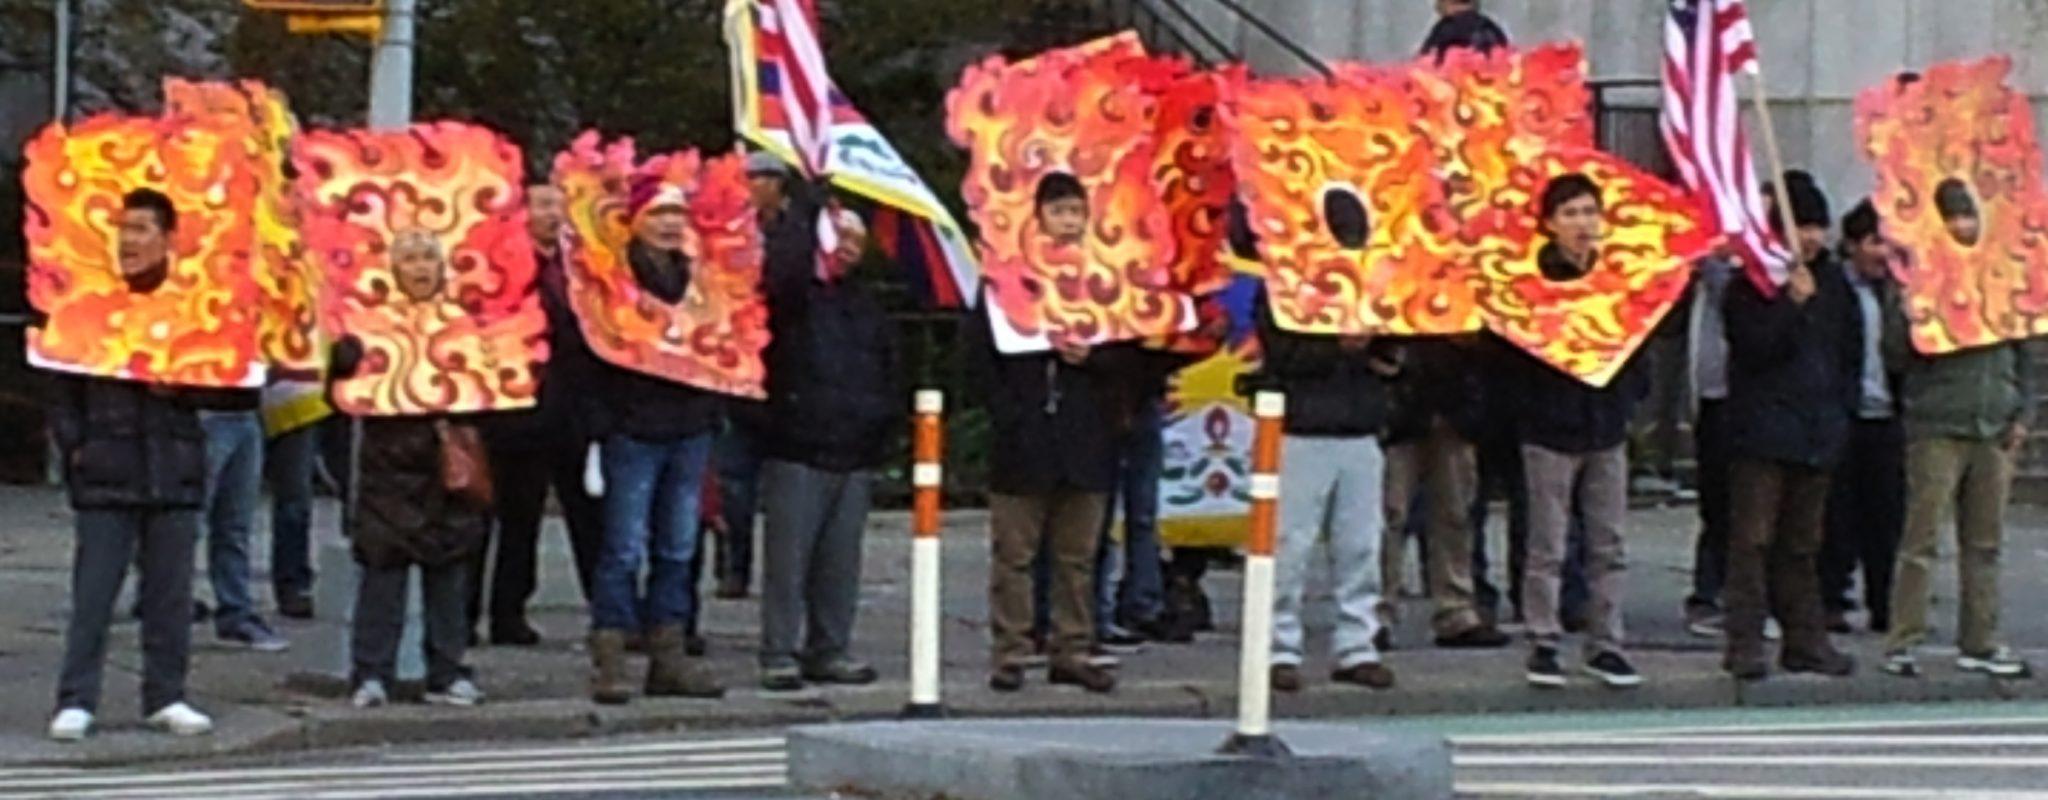 Protestors outside UN_GZ photo